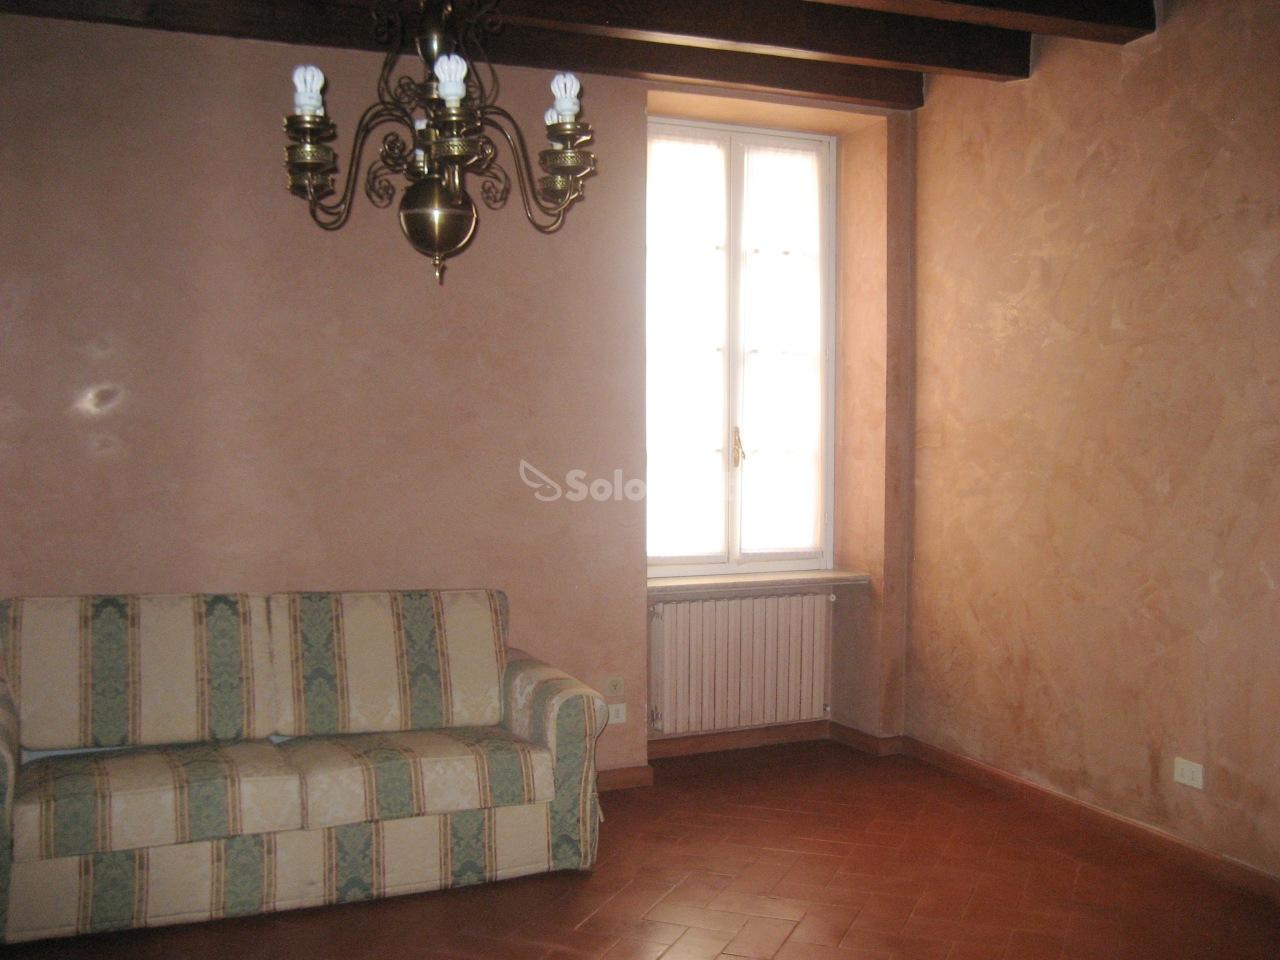 Bilocale Brescia Via Mazzini 13 3